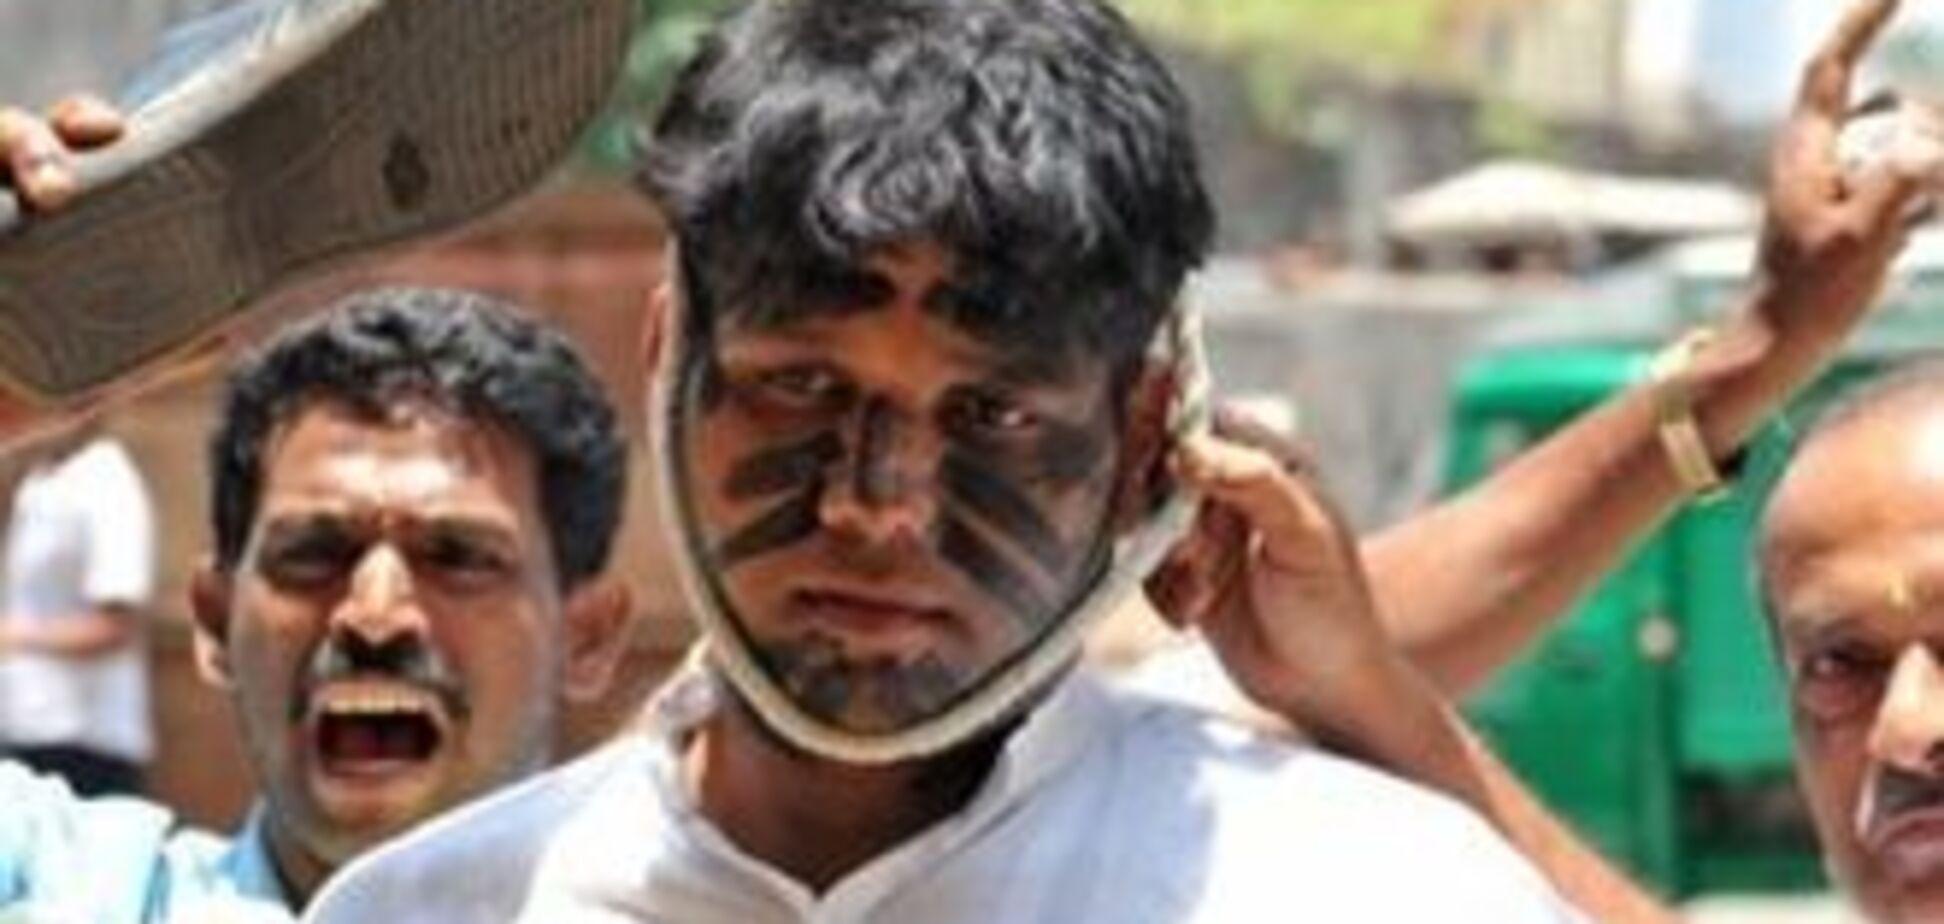 Прокурори зажадали повісити мумбайського терориста